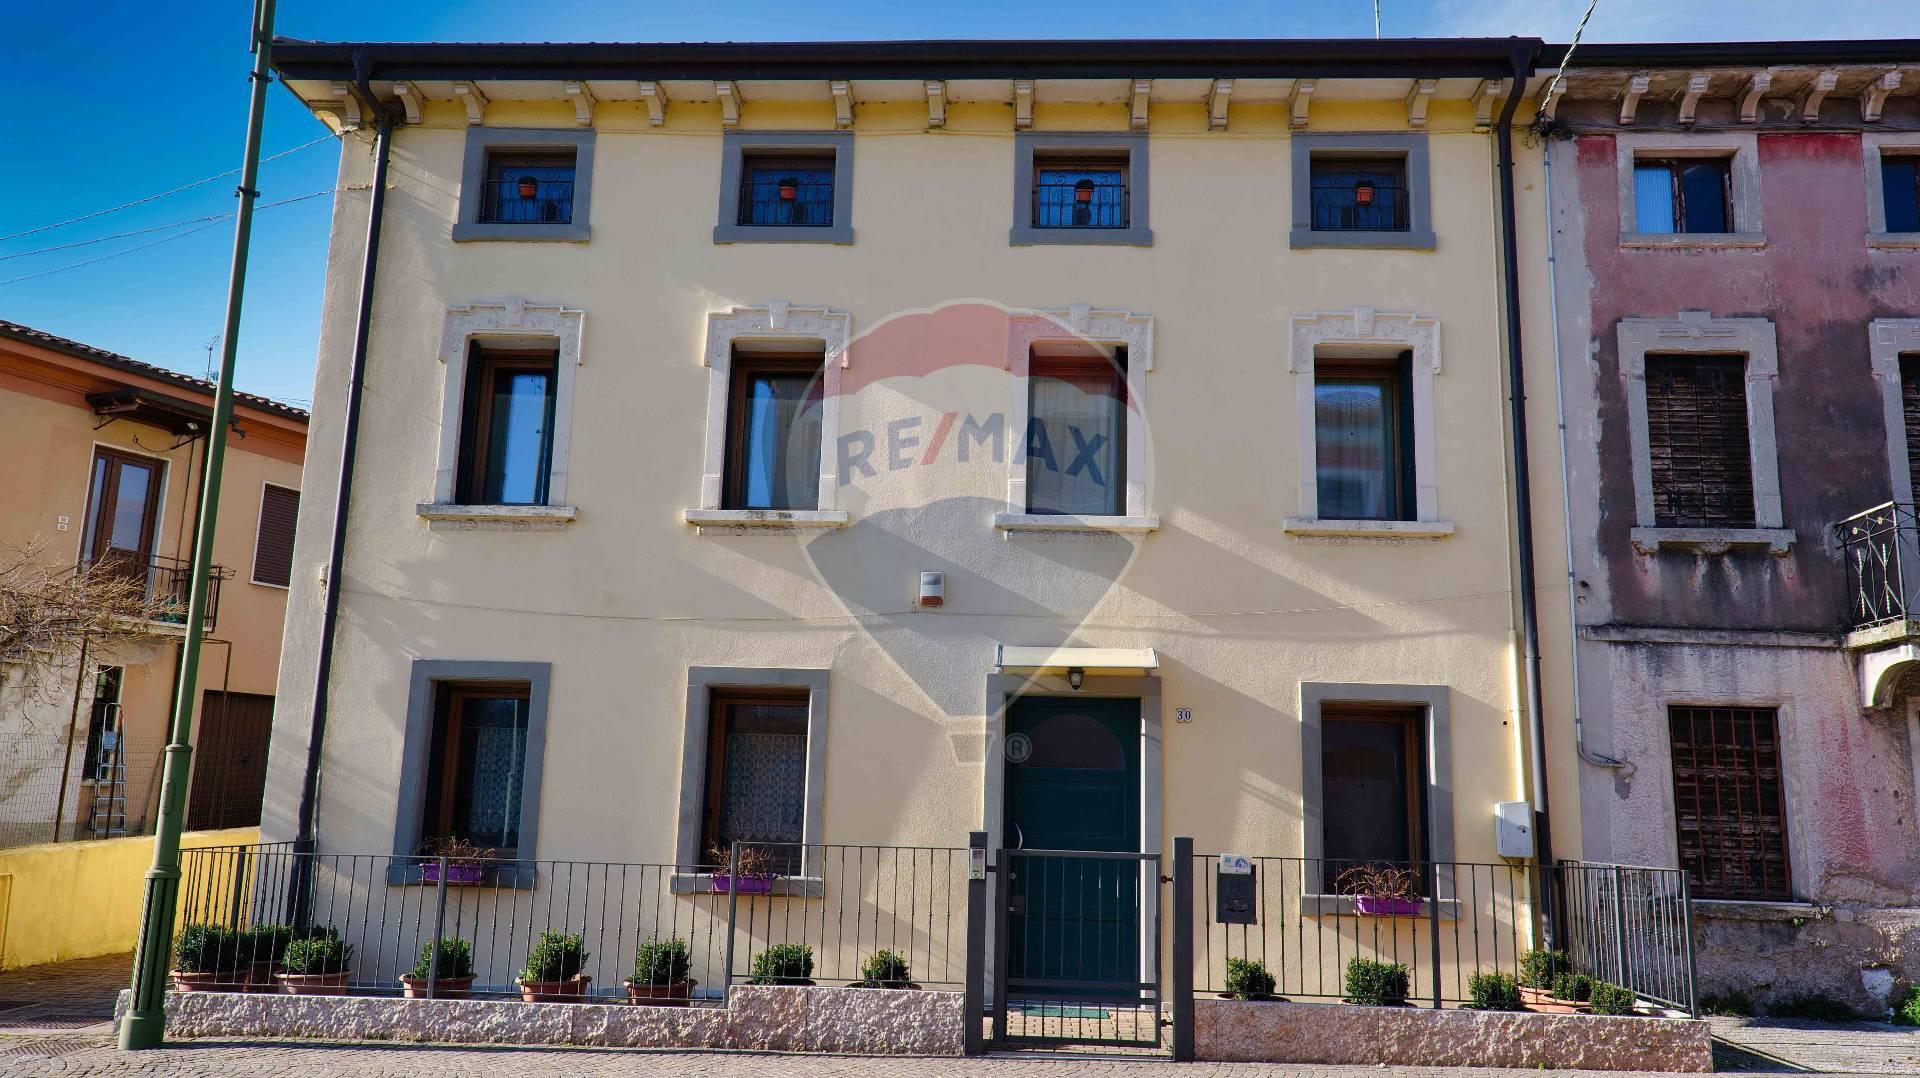 Rustico / Casale in vendita a Pastrengo, 5 locali, prezzo € 370.000 | CambioCasa.it